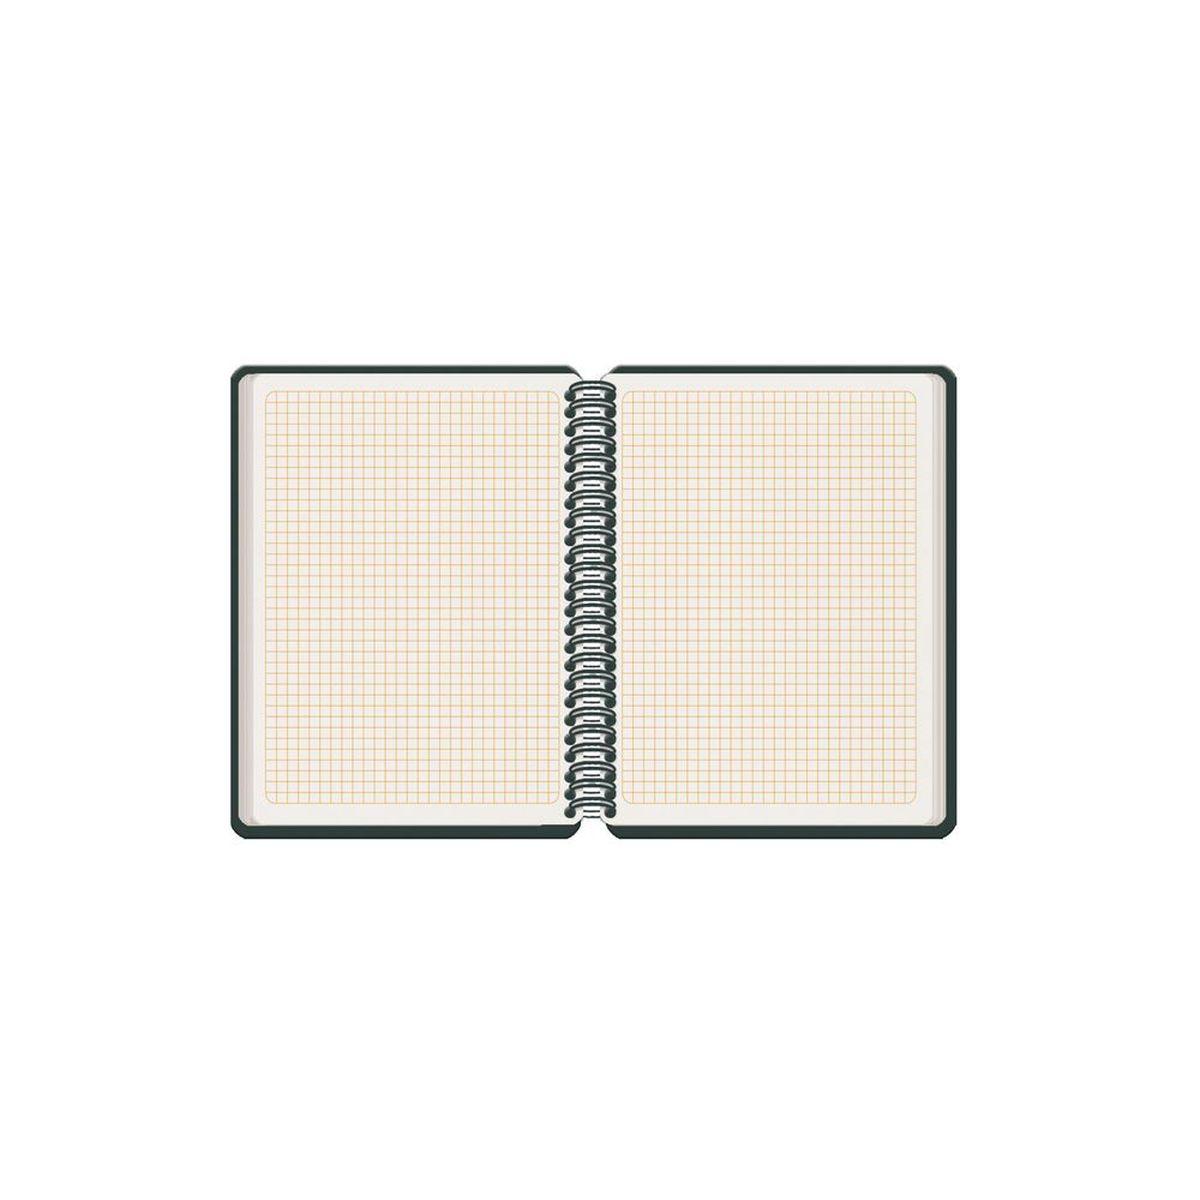 Удобный блокнот Herlitz Smiley World - незаменимый атрибут современного человека, необходимый для рабочих или школьных записей.Блокнот содержит 100 листов формата А5 в клетку без полей. Обложка выполнена из качественного ламинированного картона. Внутренний спиральный блок изготовлен из металла и гарантирует надежное крепление листов. Блокнот имеет закругленные углы и яркий  дизайн, дополненный желтым смайлом.Блокнот для записей от Herlitz Smiley World станет достойным аксессуаром среди ваших канцелярских принадлежностей. Это отличный подарок как коллеге или деловому партнеру, так и близким людям.